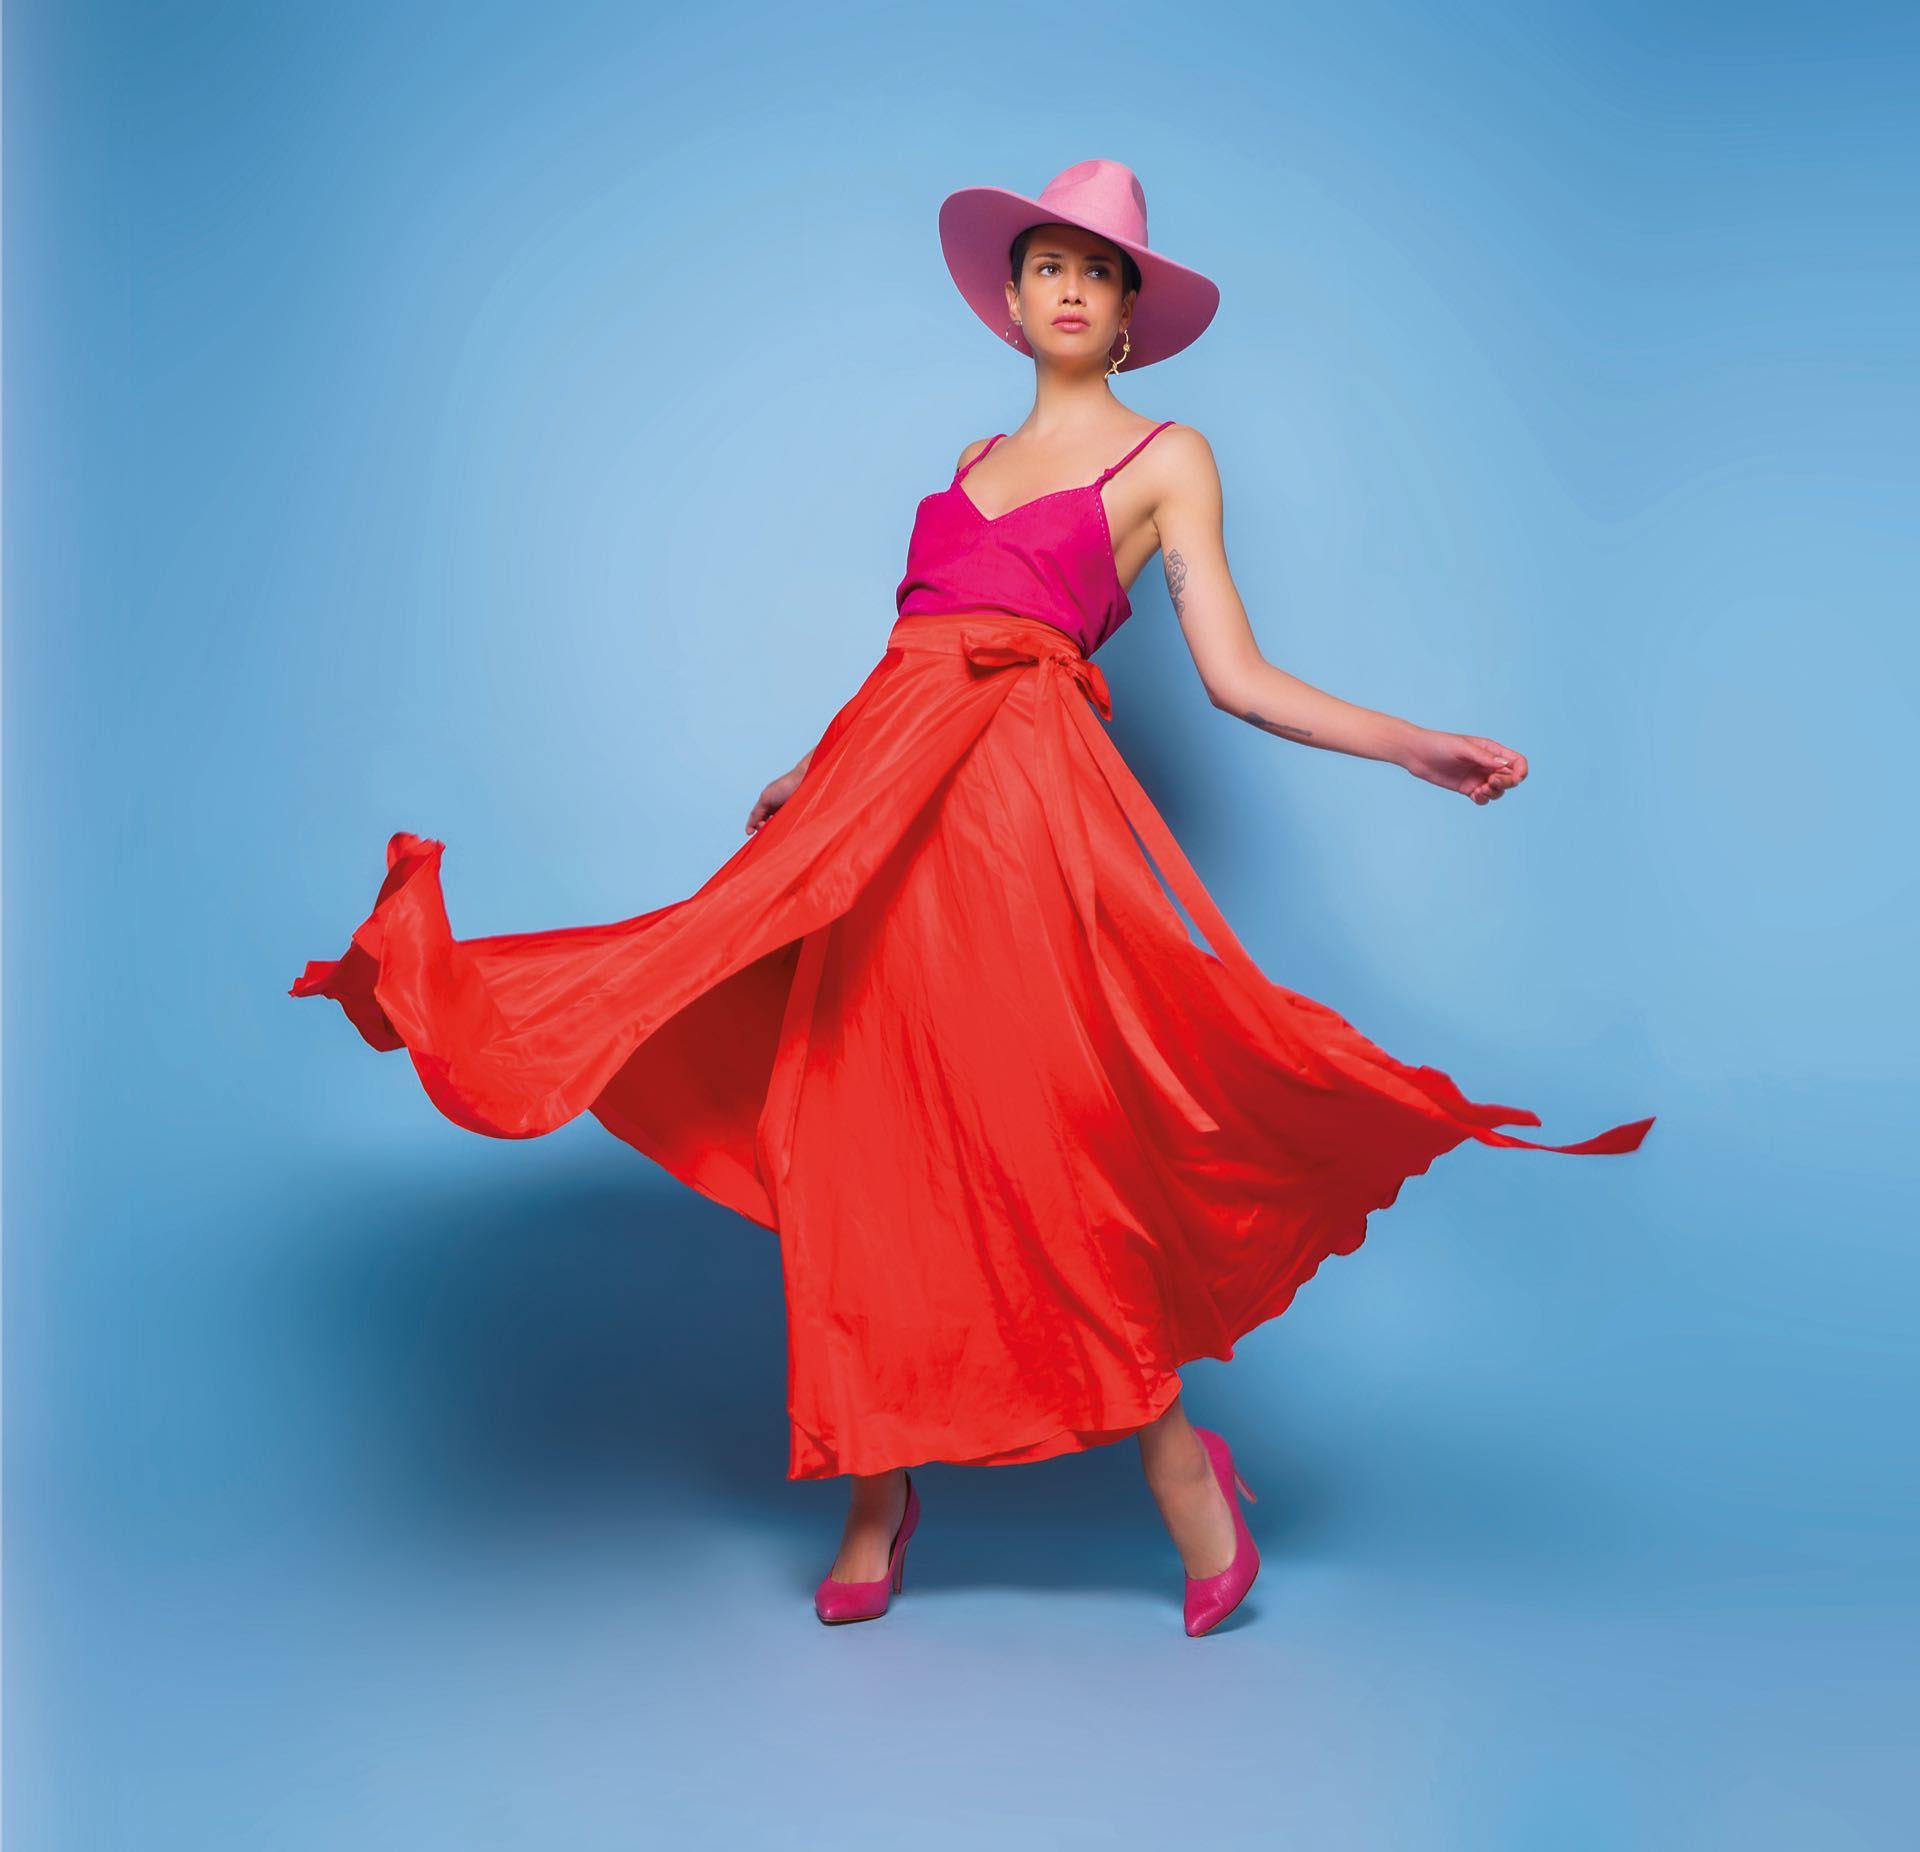 Top de gamuza y faldaamplia (Cher) y stilettosde cuero grabado ($ 4.600, Saverio Di Ricci).Foto: Juan Jauregui/ Para Ti